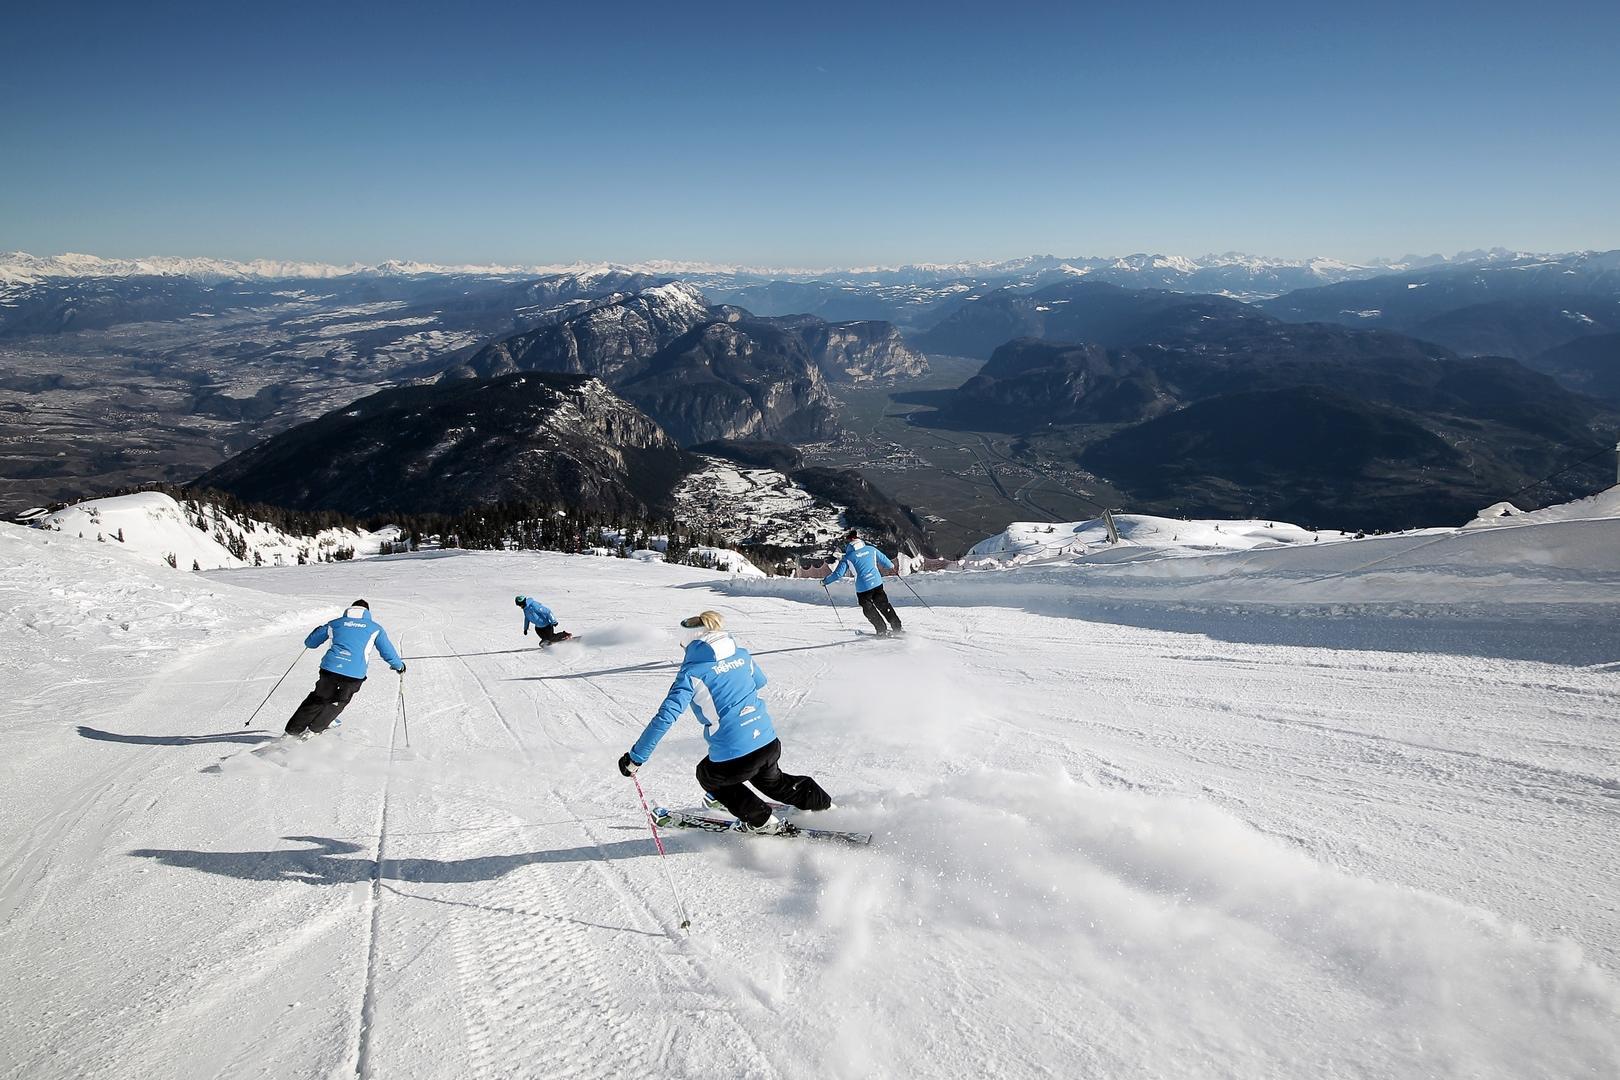 The Best Of  ski slopes